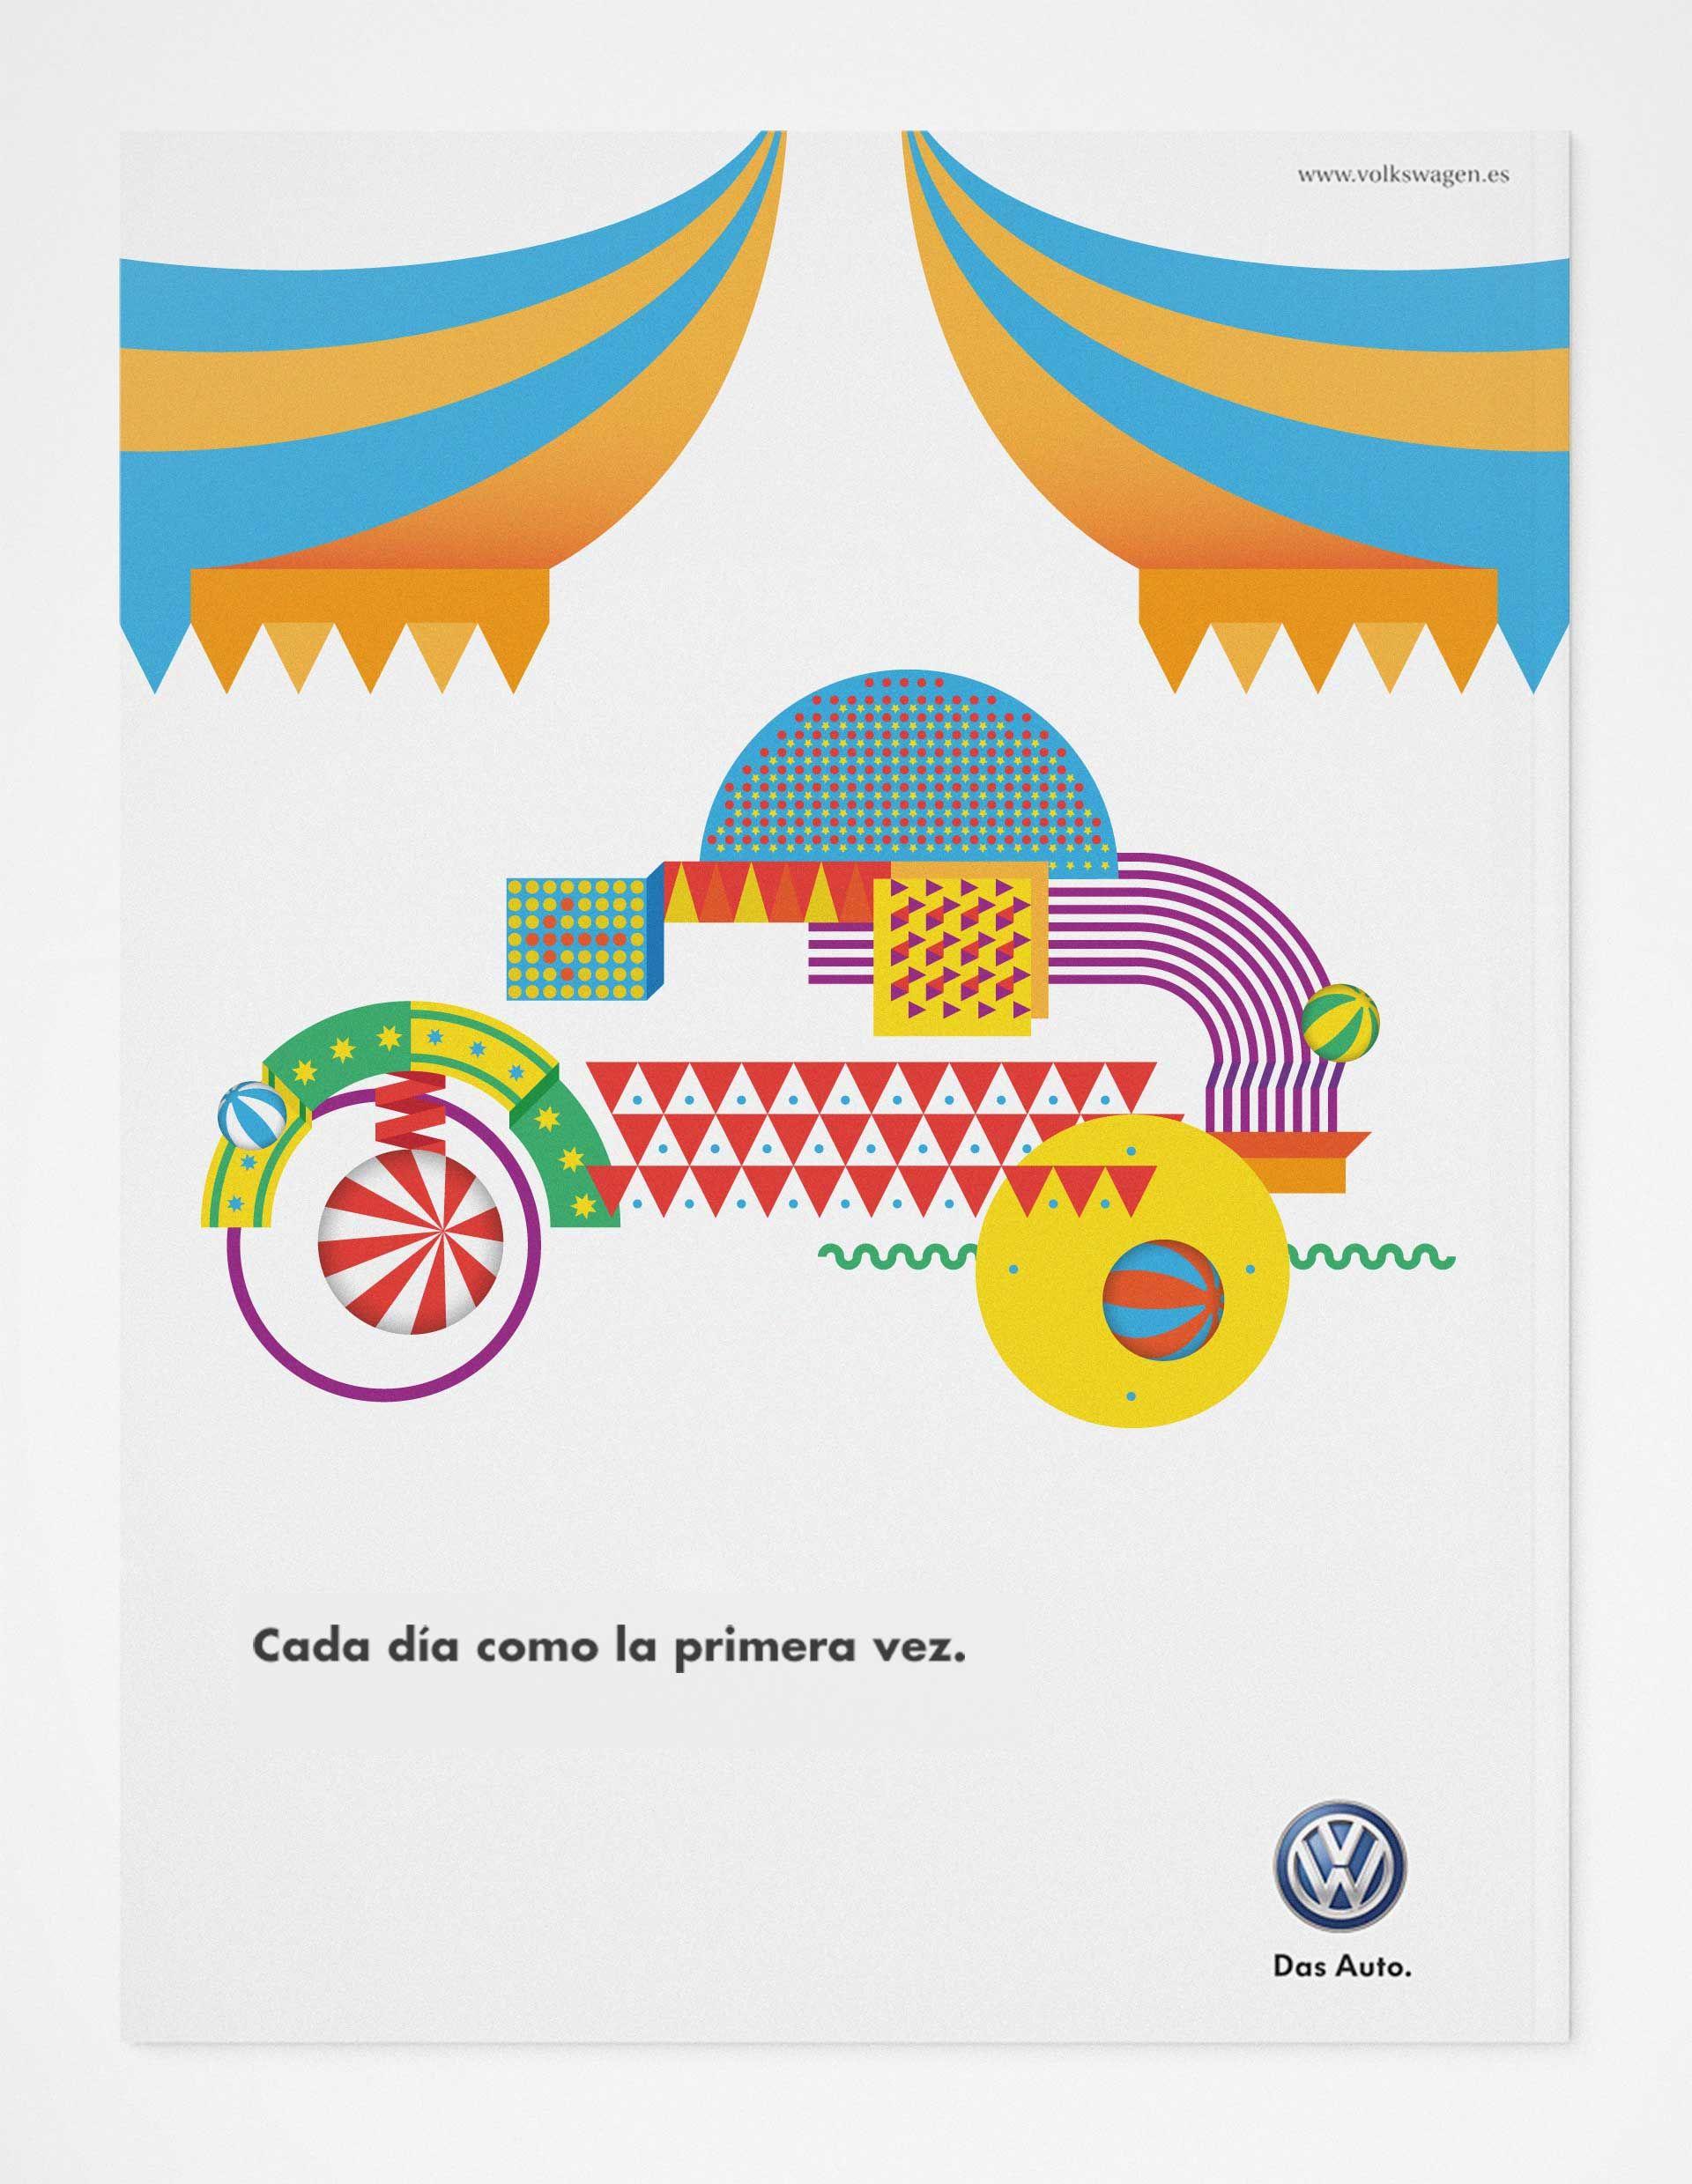 17 best images about yorokobu magazine design typography ad on 17 best images about yorokobu magazine design typography ad volkswagen behance and artworks